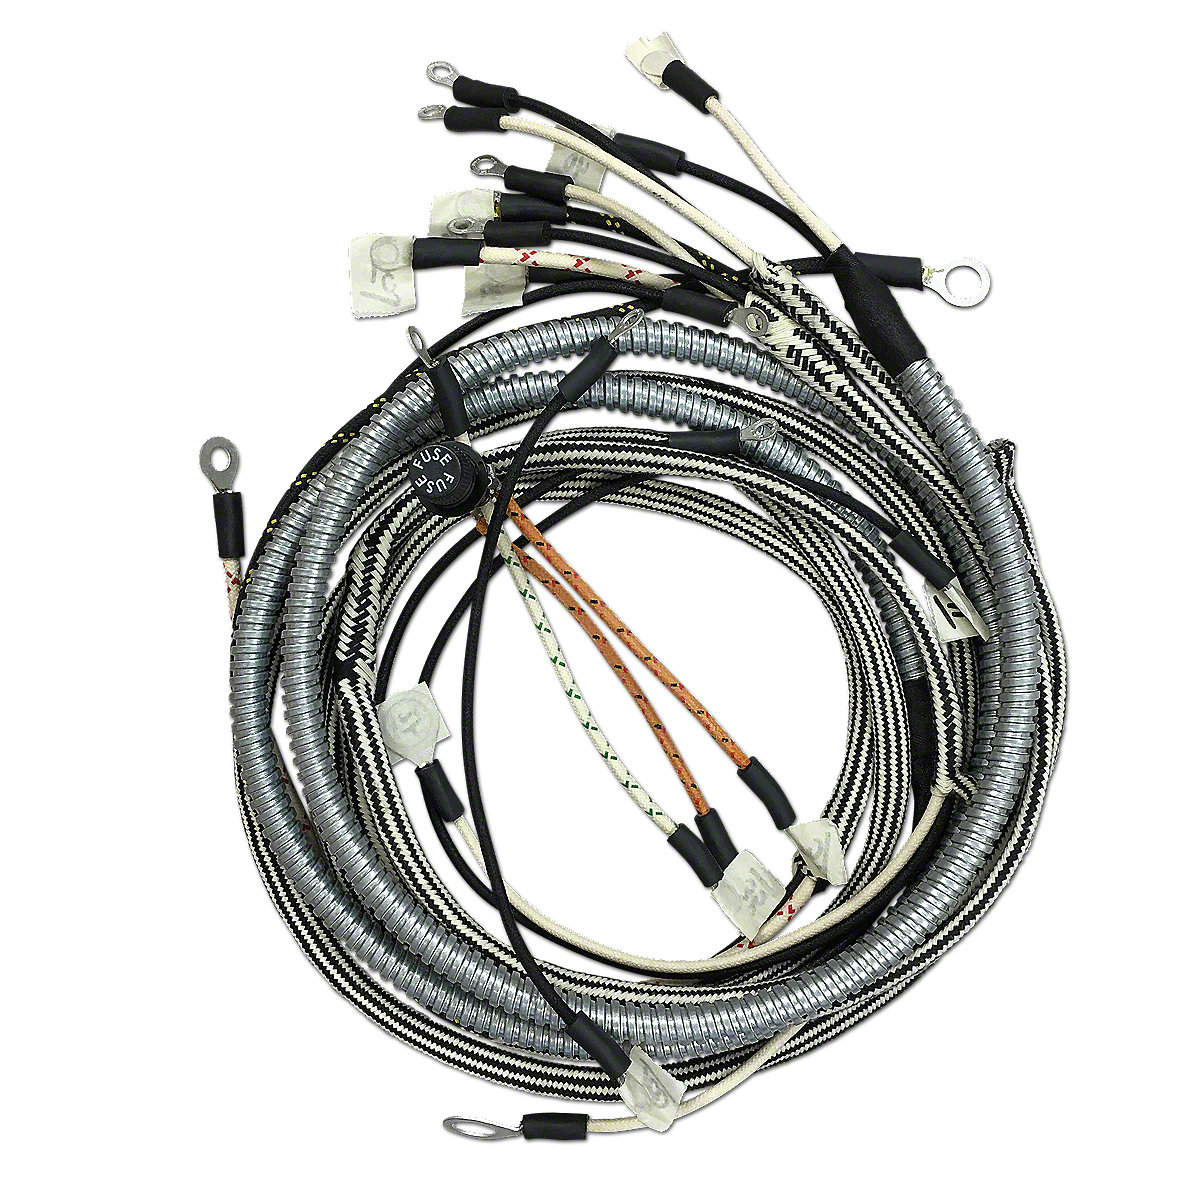 Wiring Harness Kit Ihs2929 Farmall B Restoration Quality